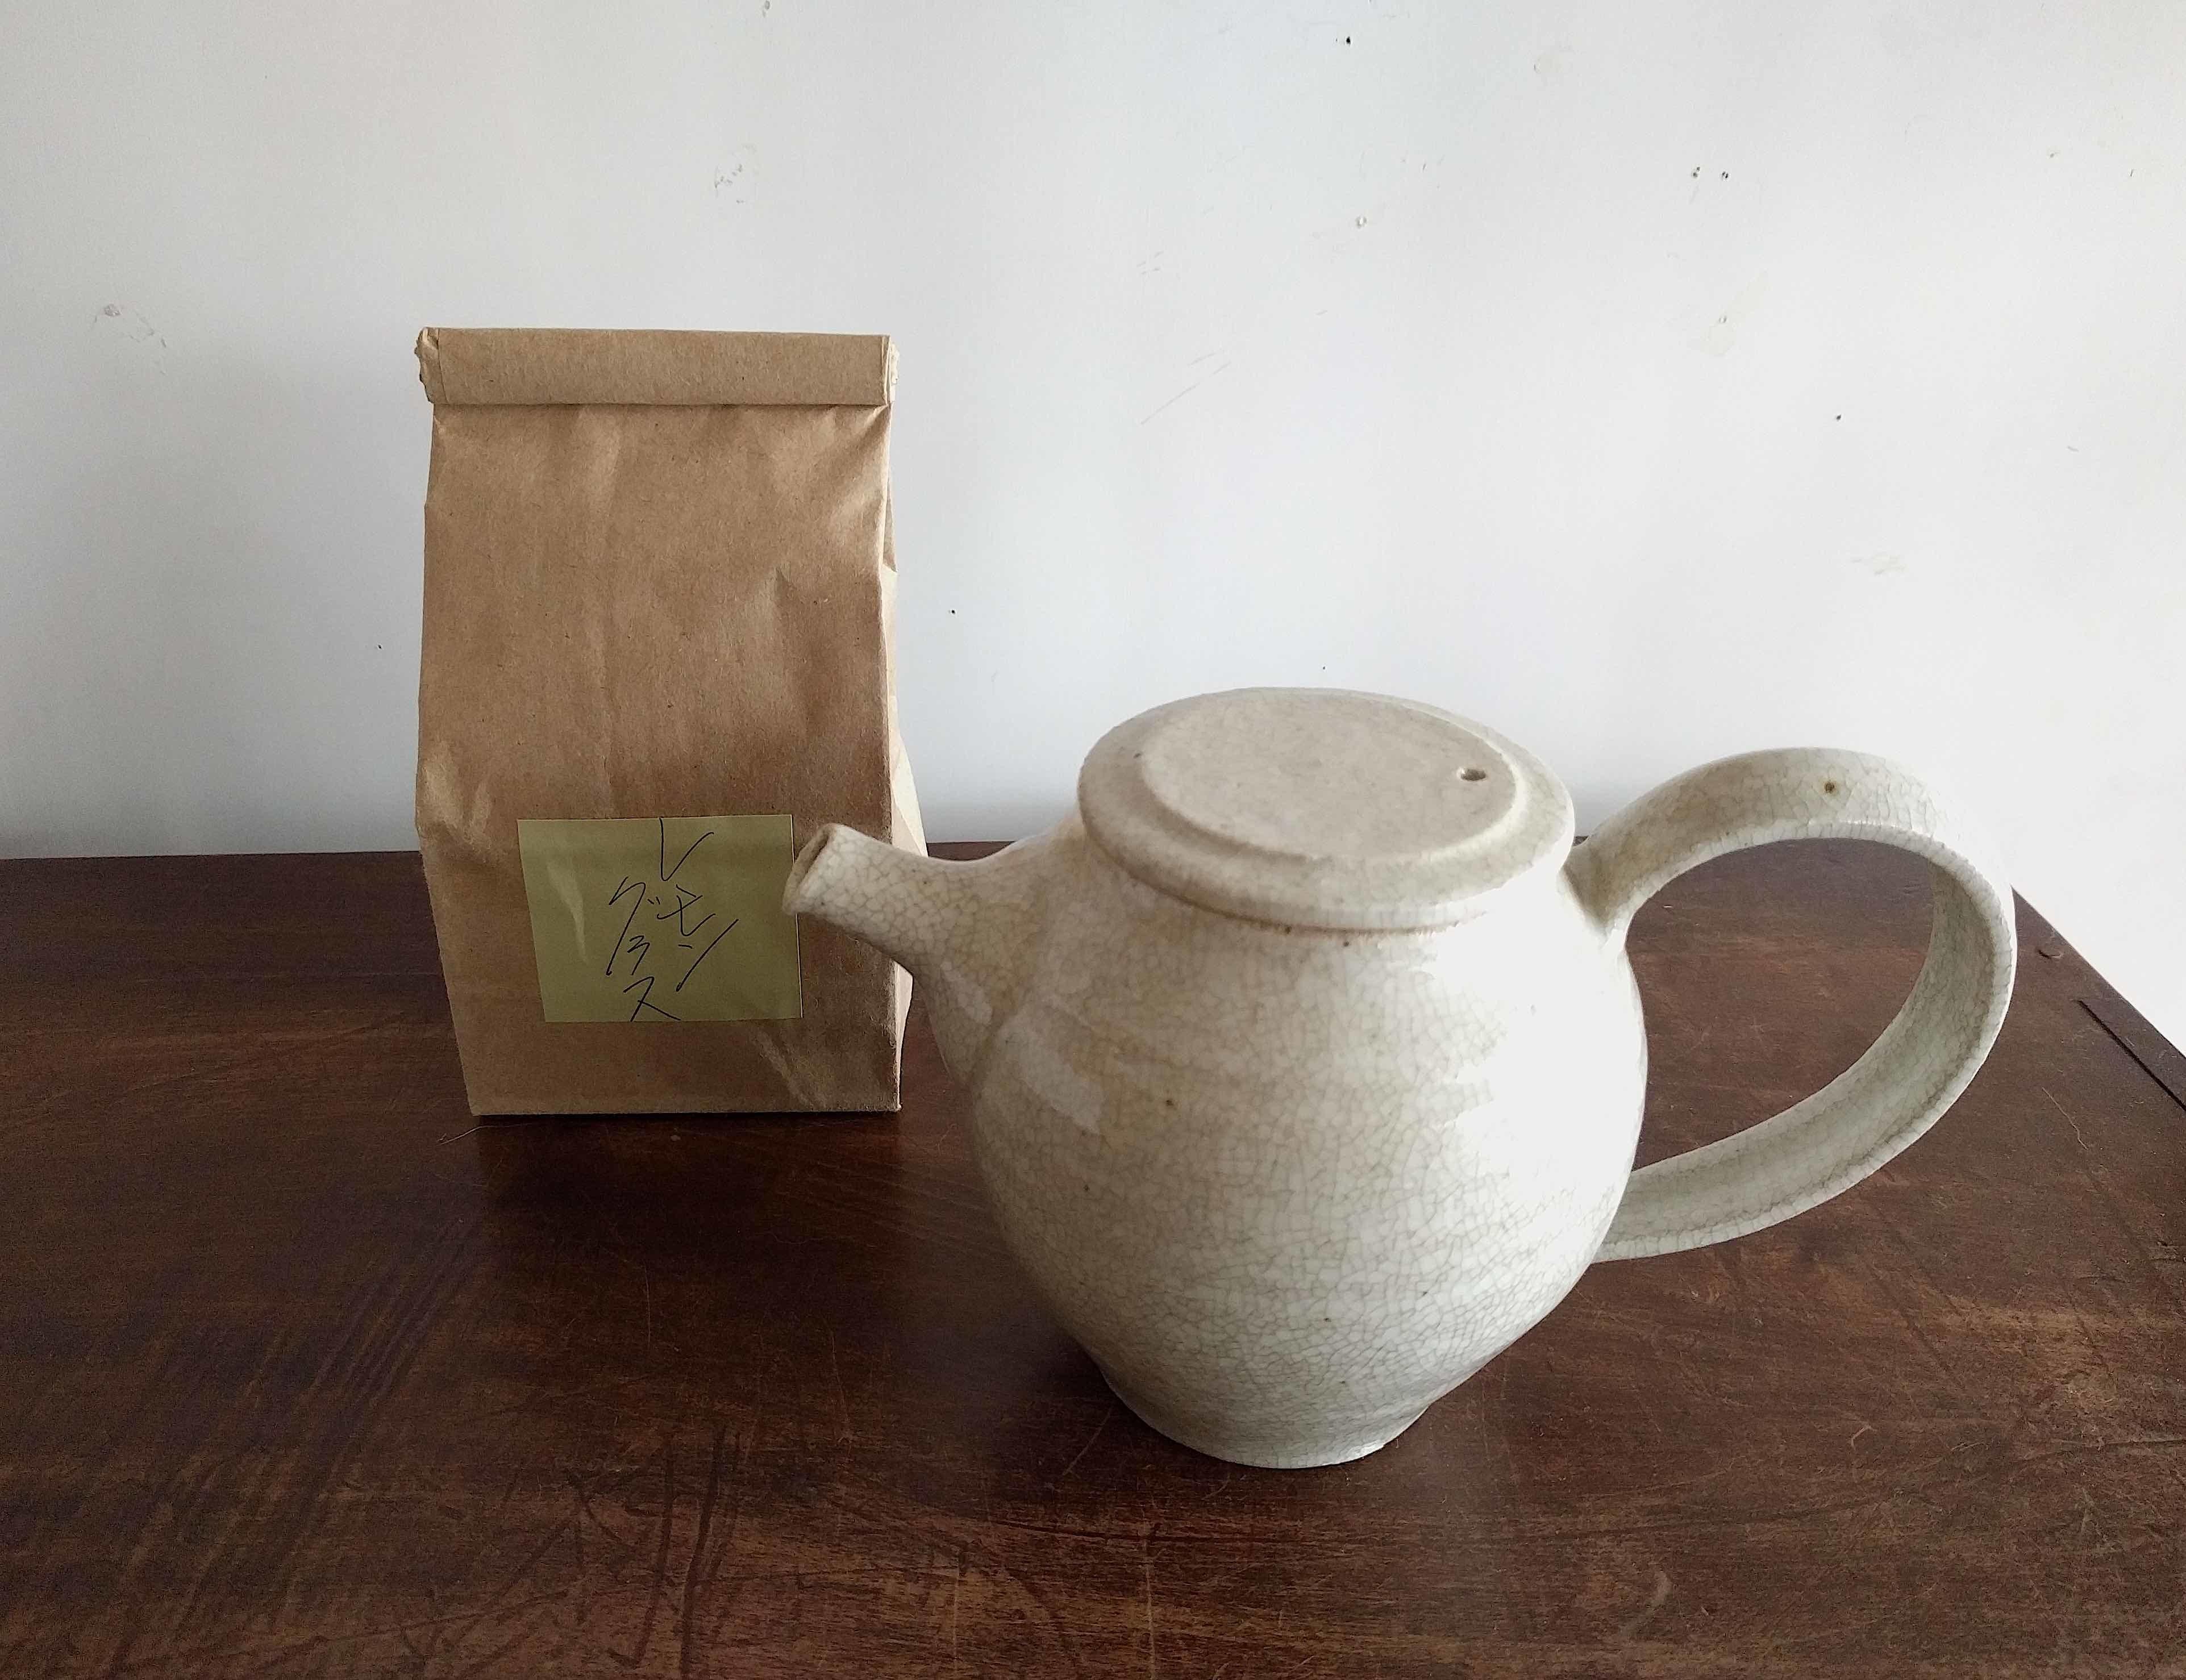 温かいお茶で一服しましょう_a0265743_21372390.jpg